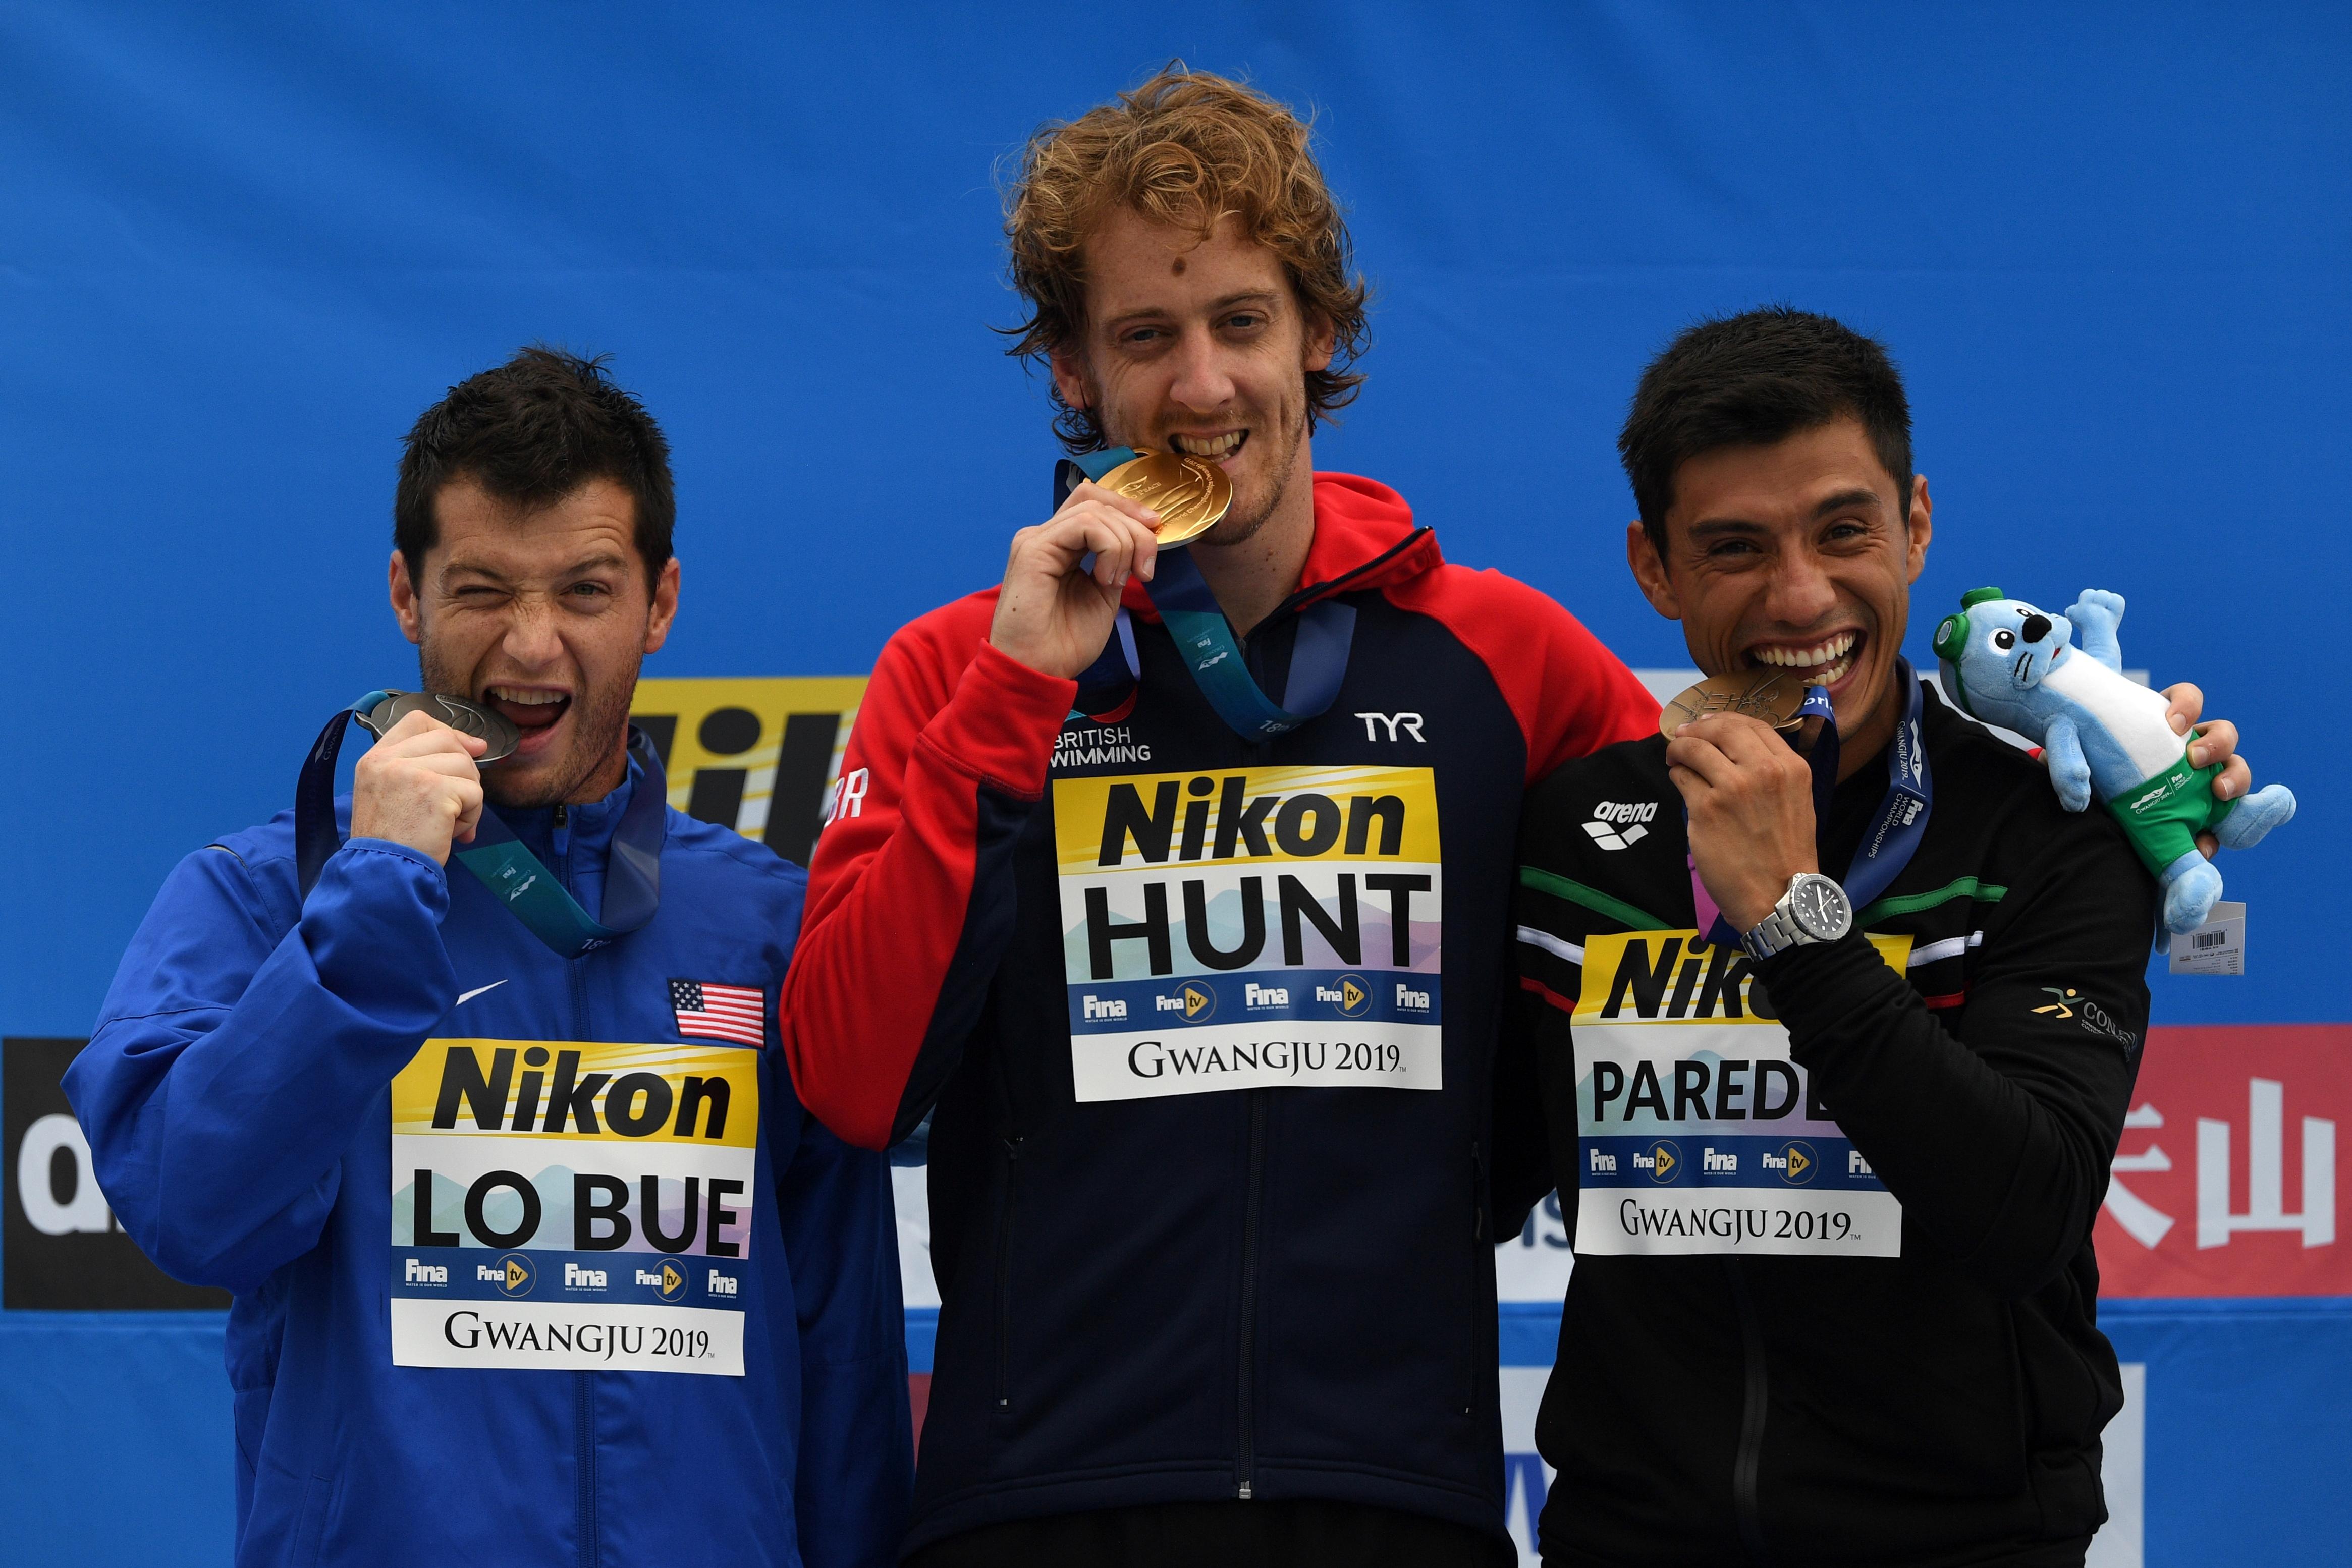 jonathan paredes mundial de natacion medalla bronce